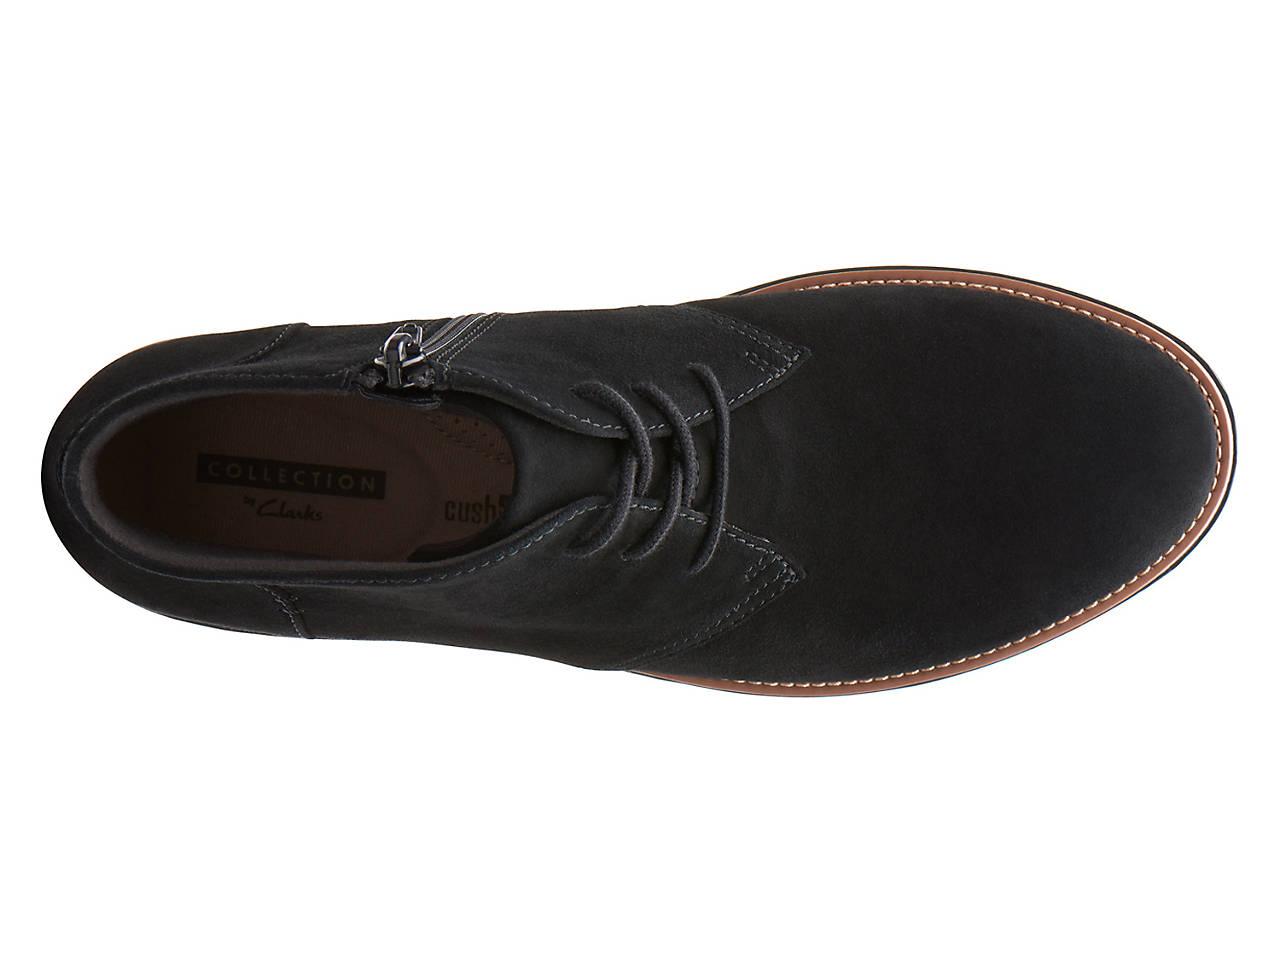 b4fb29bea14 Clarks Sharon Hop Wedge Bootie Women s Shoes